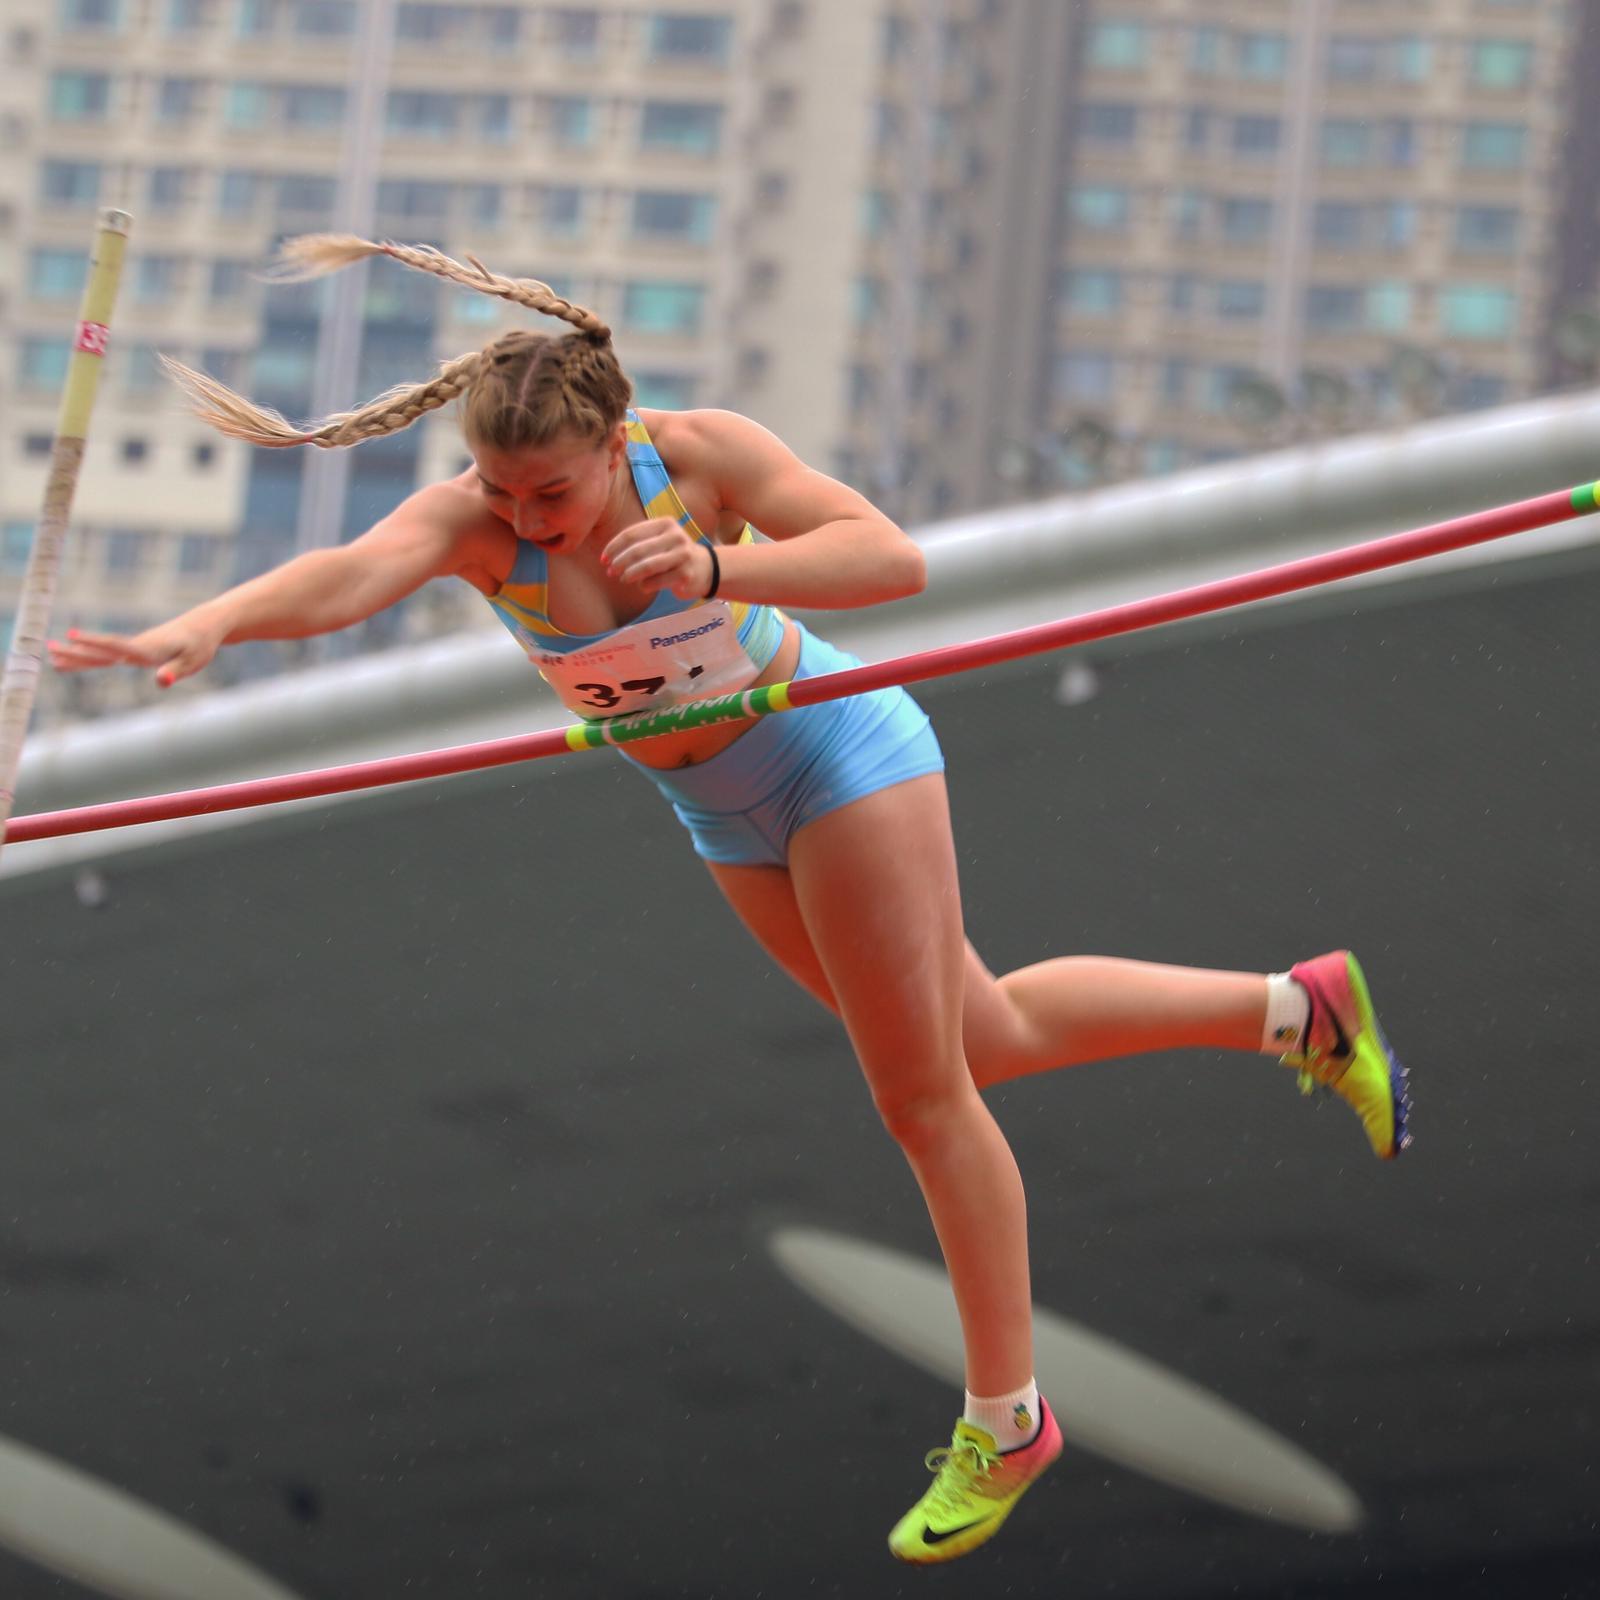 Жеңіл атлетикадан Азия чемпионатын Қазақстан командасы сәтті аяқтады